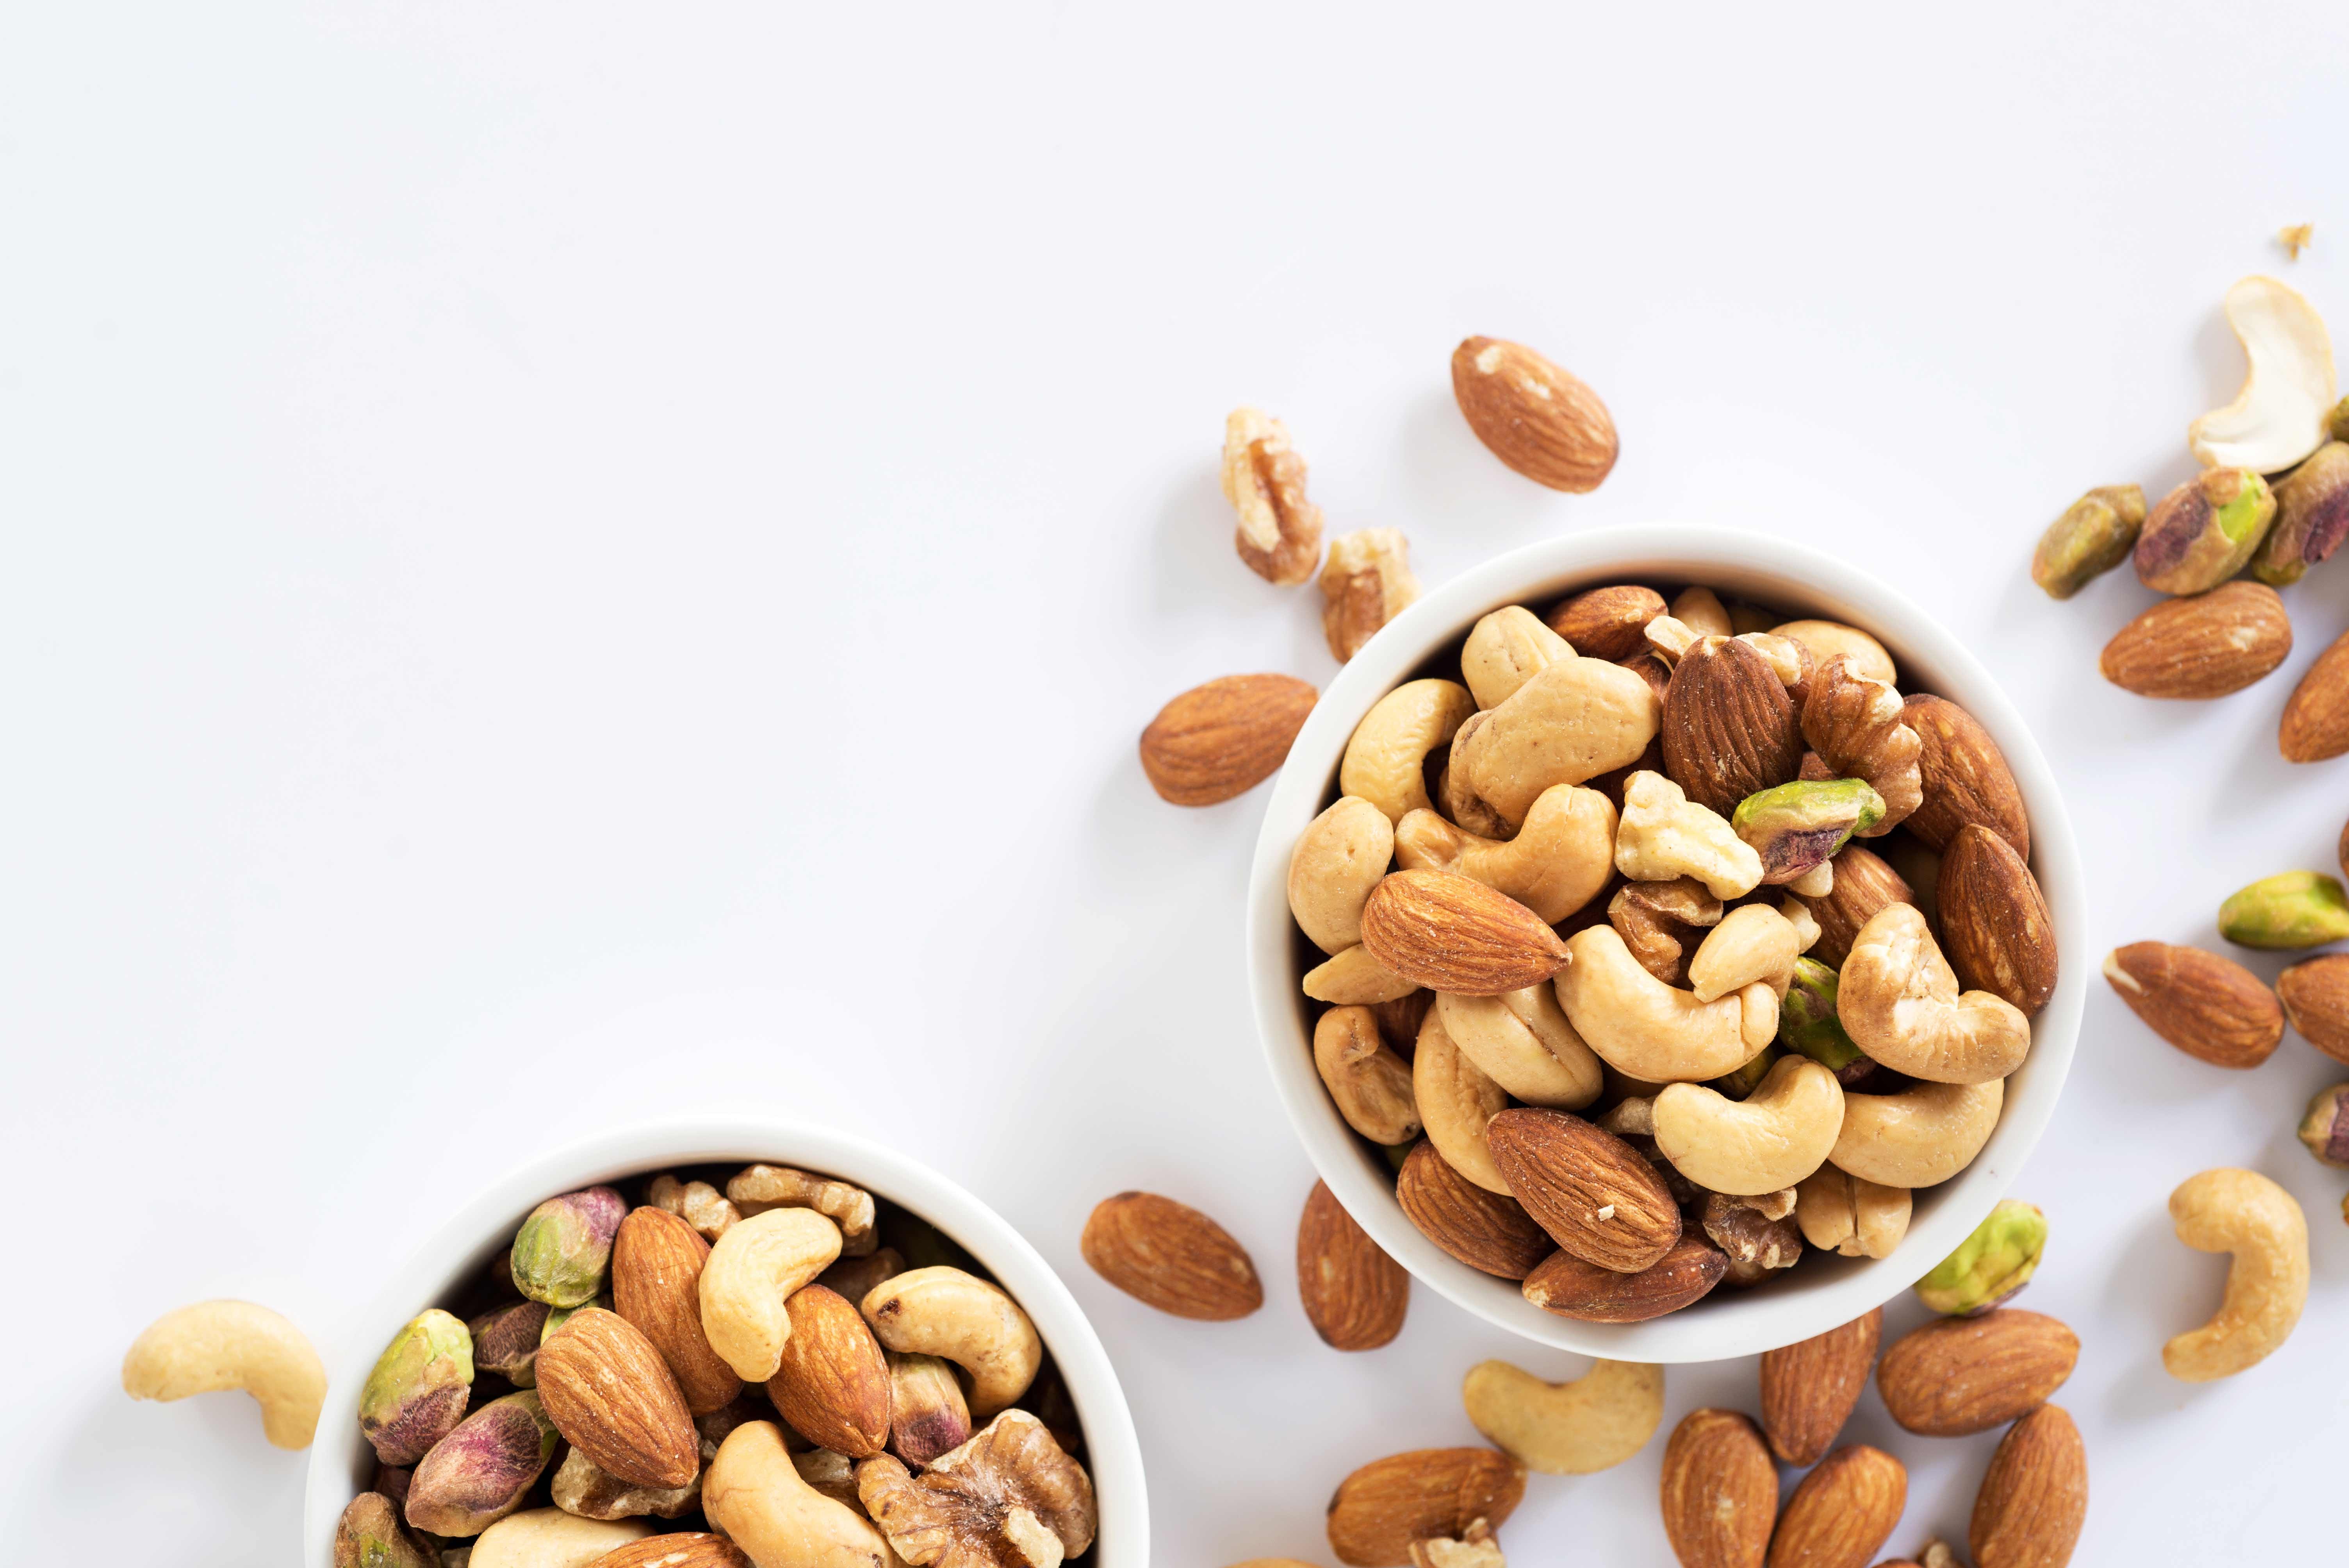 Razón 1: una onza de nueces tiene unas 175 calorías, 5 gramos de proteínas y 16 gramos de grasa, además de vitamina E, magnesio, fósforo, selenio y manganeso.